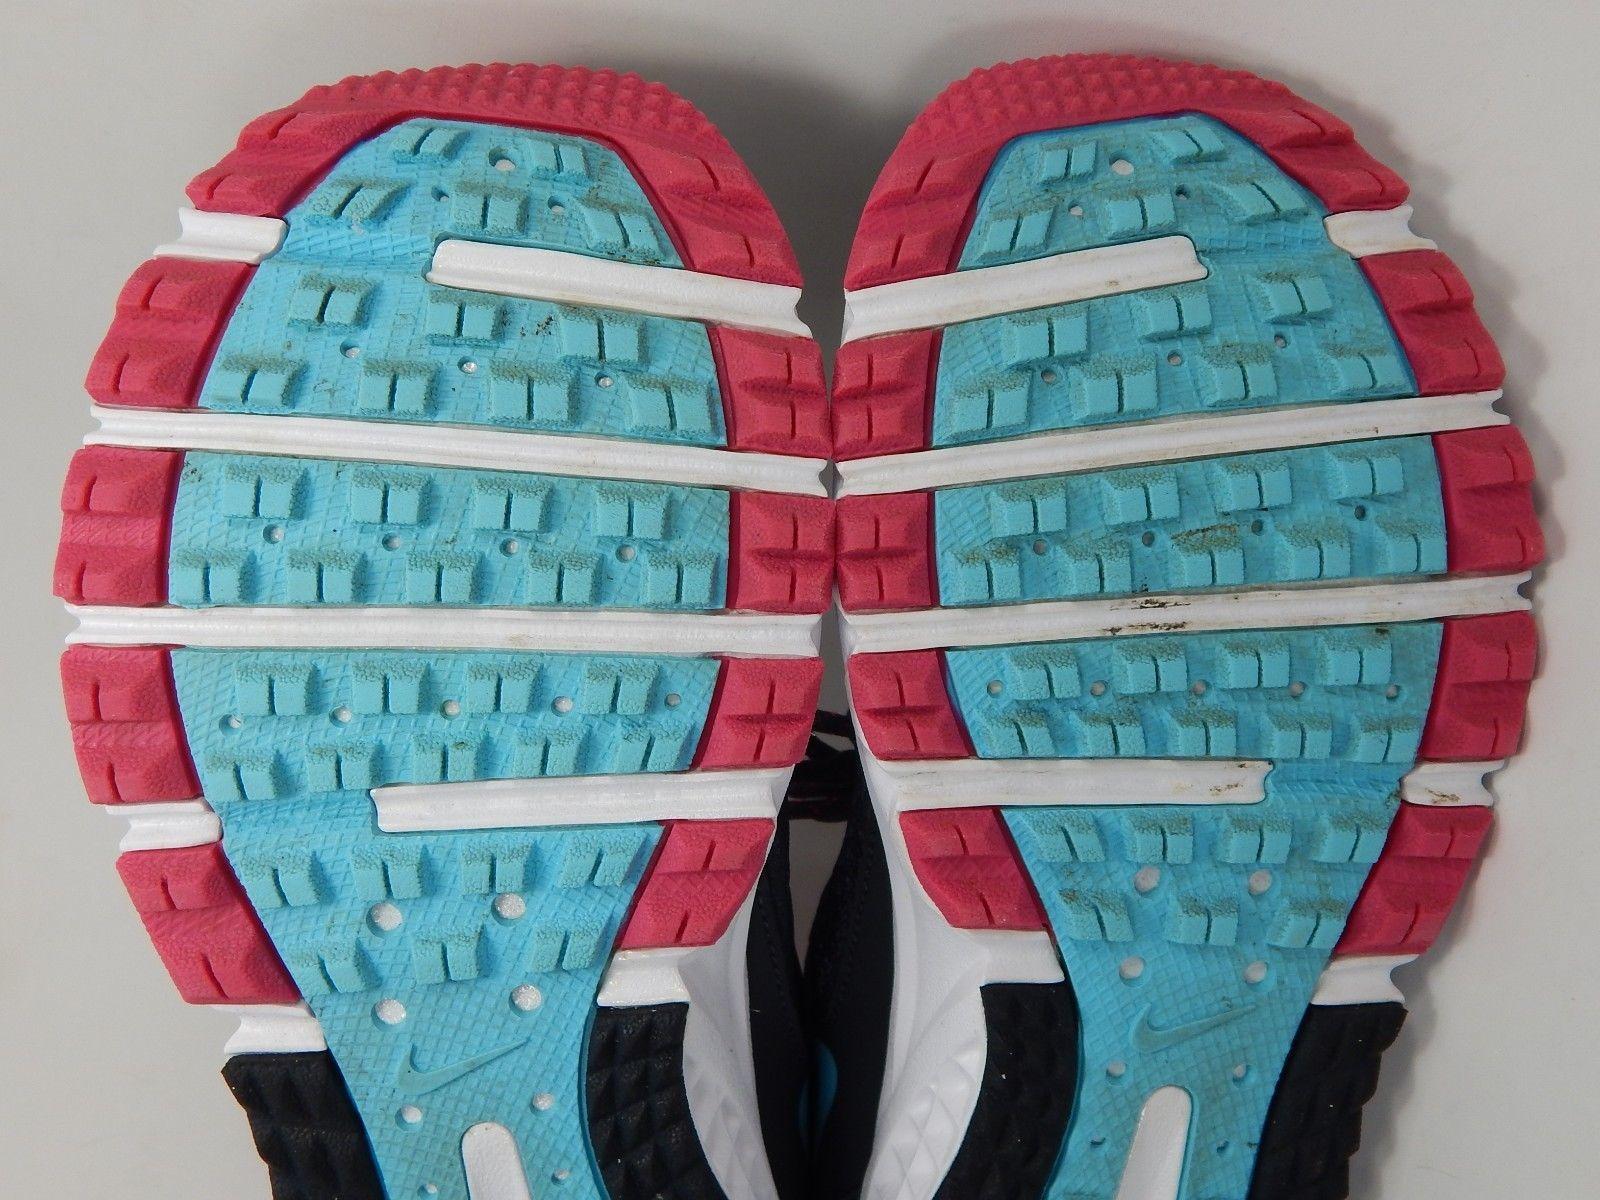 Nike Wild Trail Running Shoes Women's Size US 9.5 M (B) EU 41 Gray 643074-001